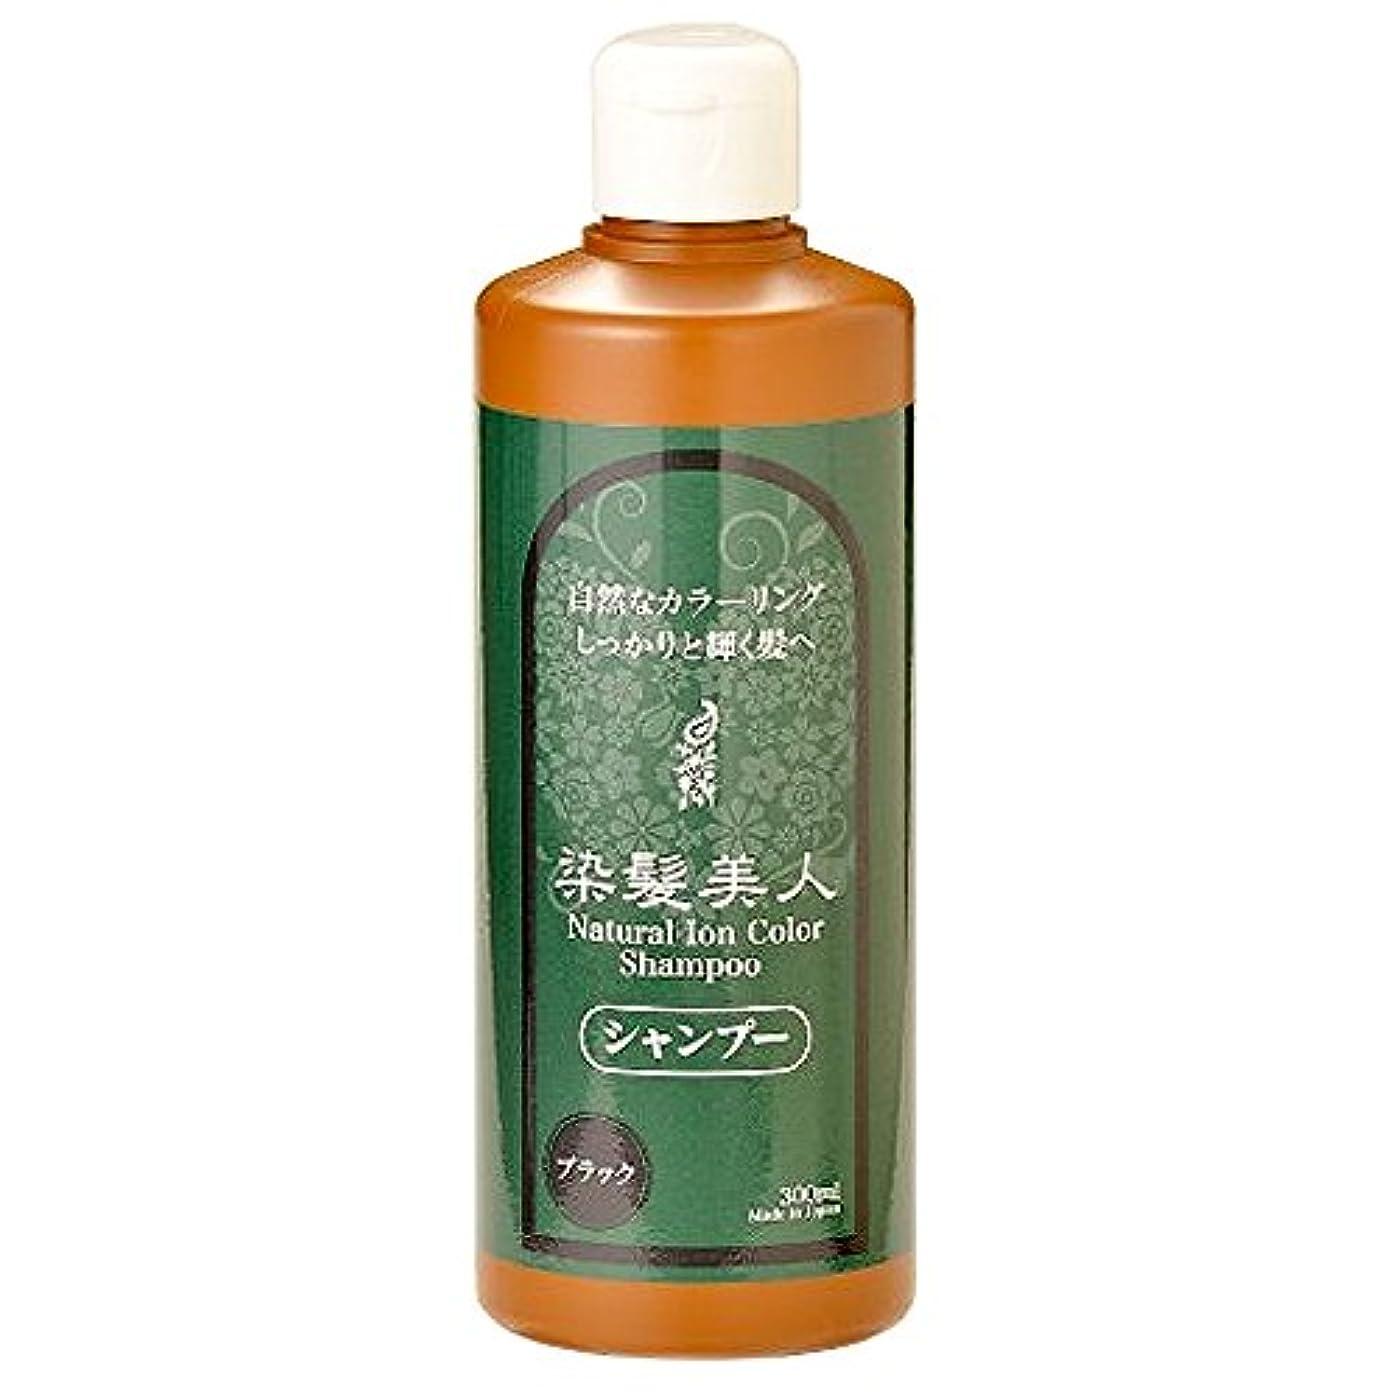 クラシカル文字通り滝モデム 染髪シャンプー 300ml ブラック